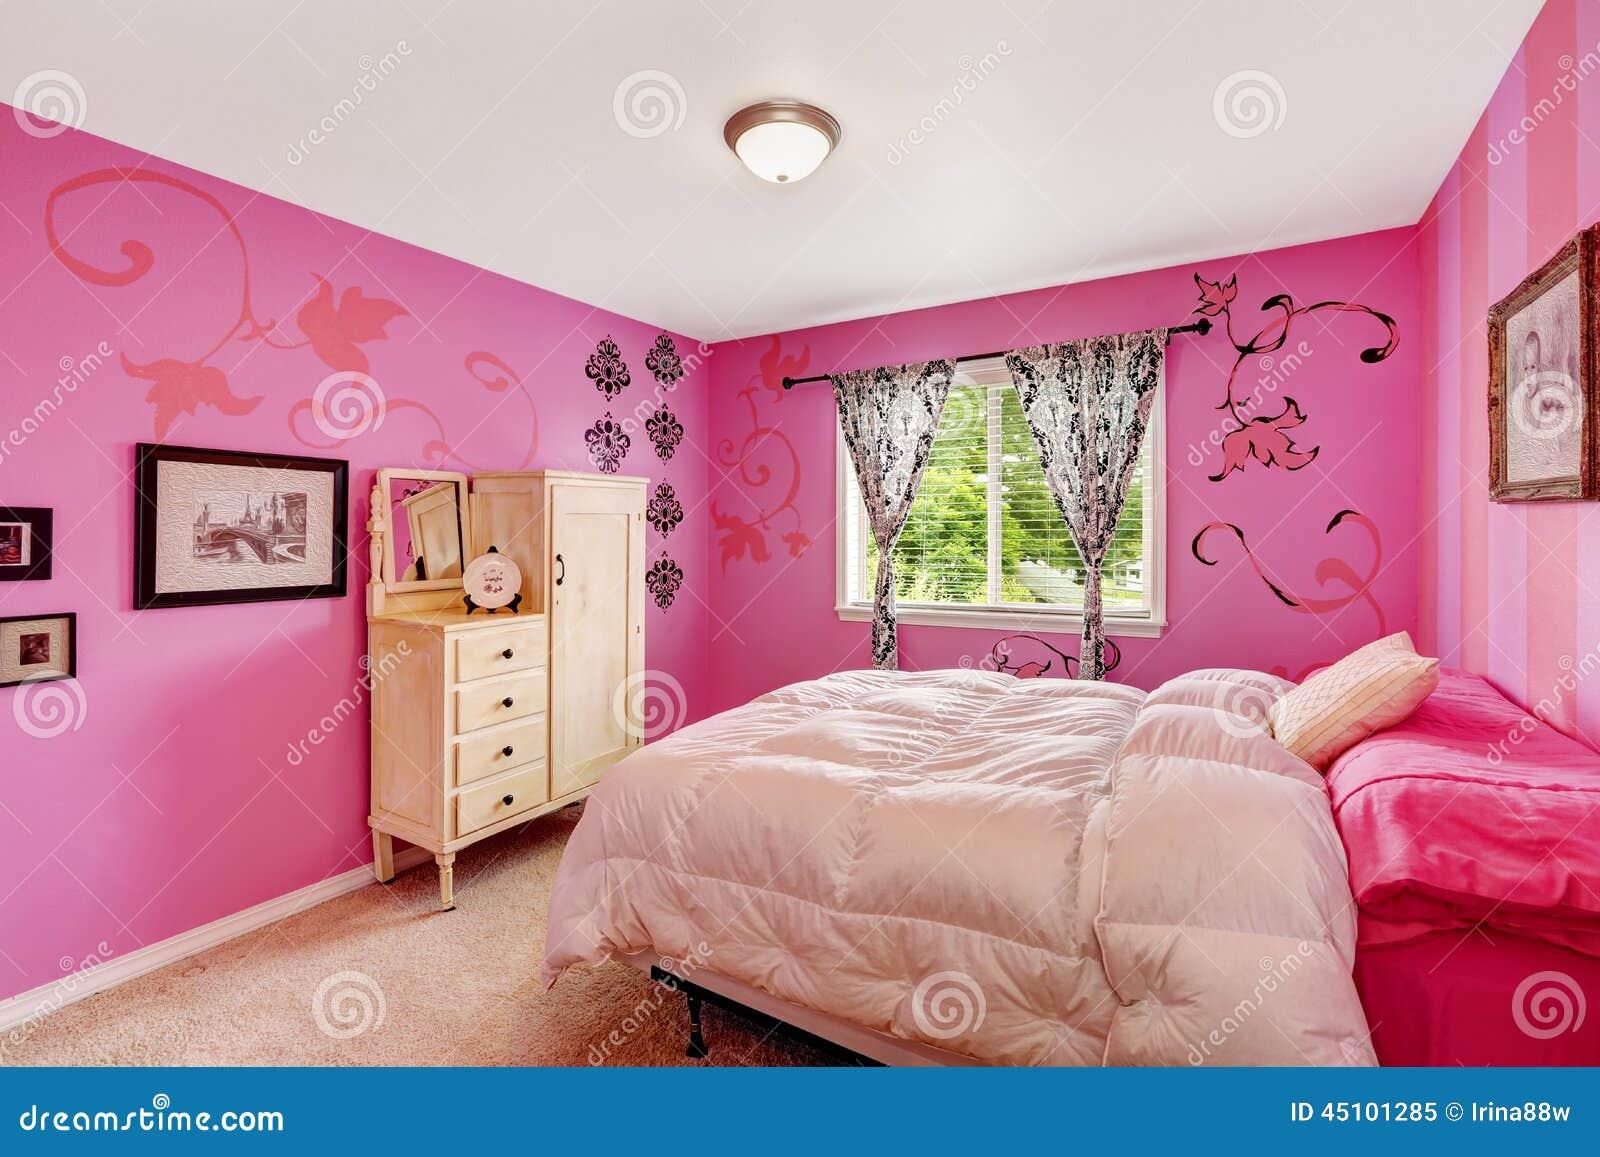 Intérieur De Chambre à Coucher De Fille Dans La Couleur Rose - Couleur de chambre a coucher